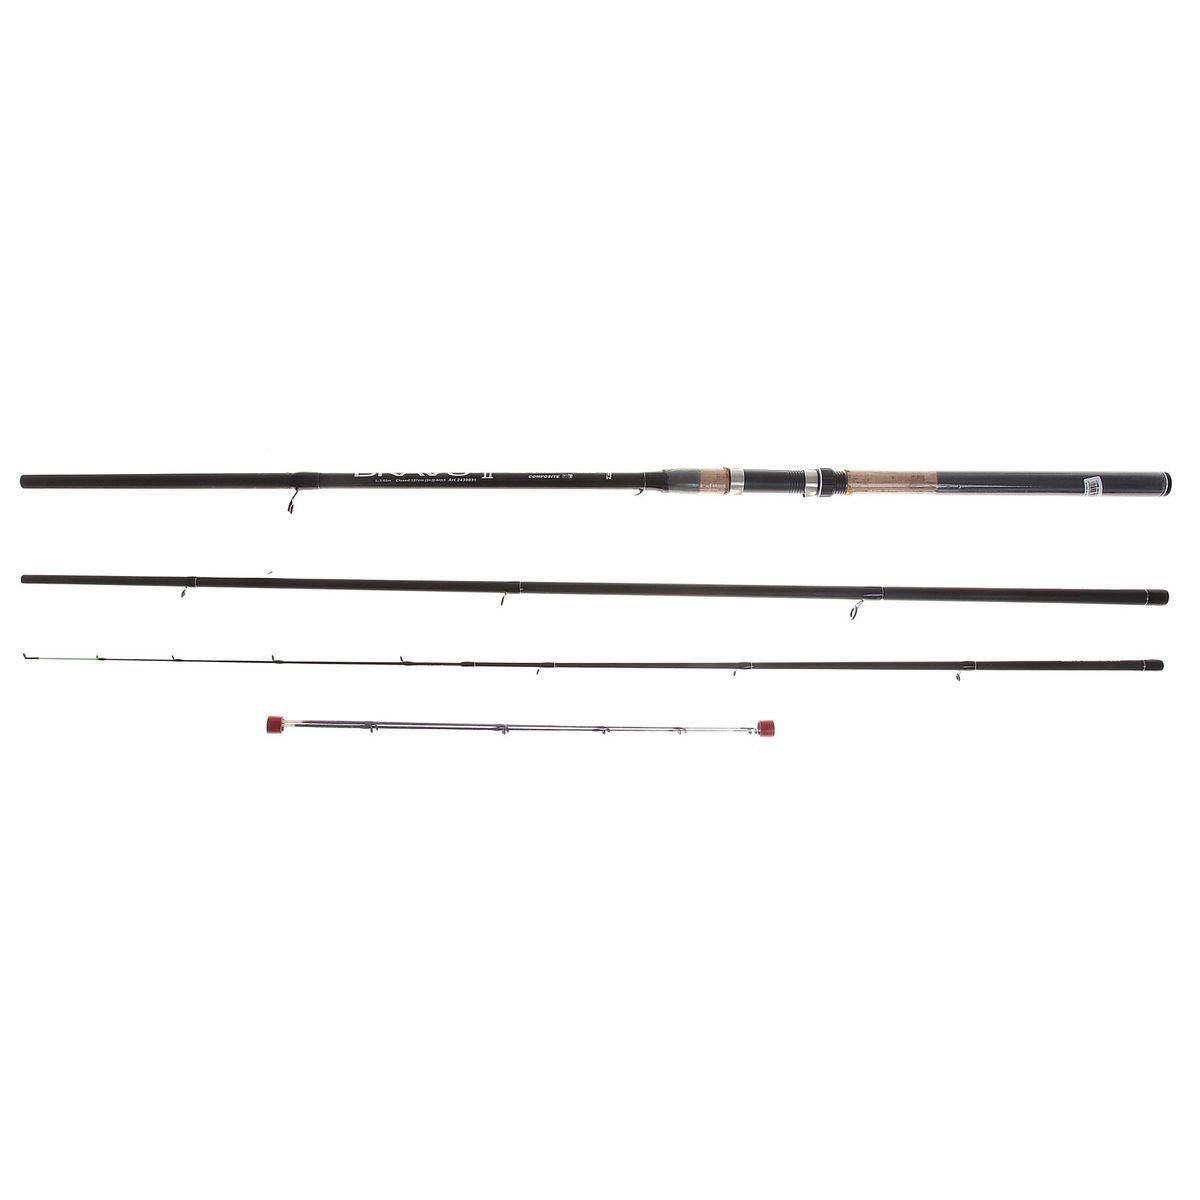 Спиннинг Zhibo Bravo Feeder, 3,6 м1083303Спиннинг ZHIBO Bravo Feeder 3.6м (3+3) 90г 2439031 (D30) Надежный, среднего строя фидер. Рекомендуется для широкого круга рыболовов.